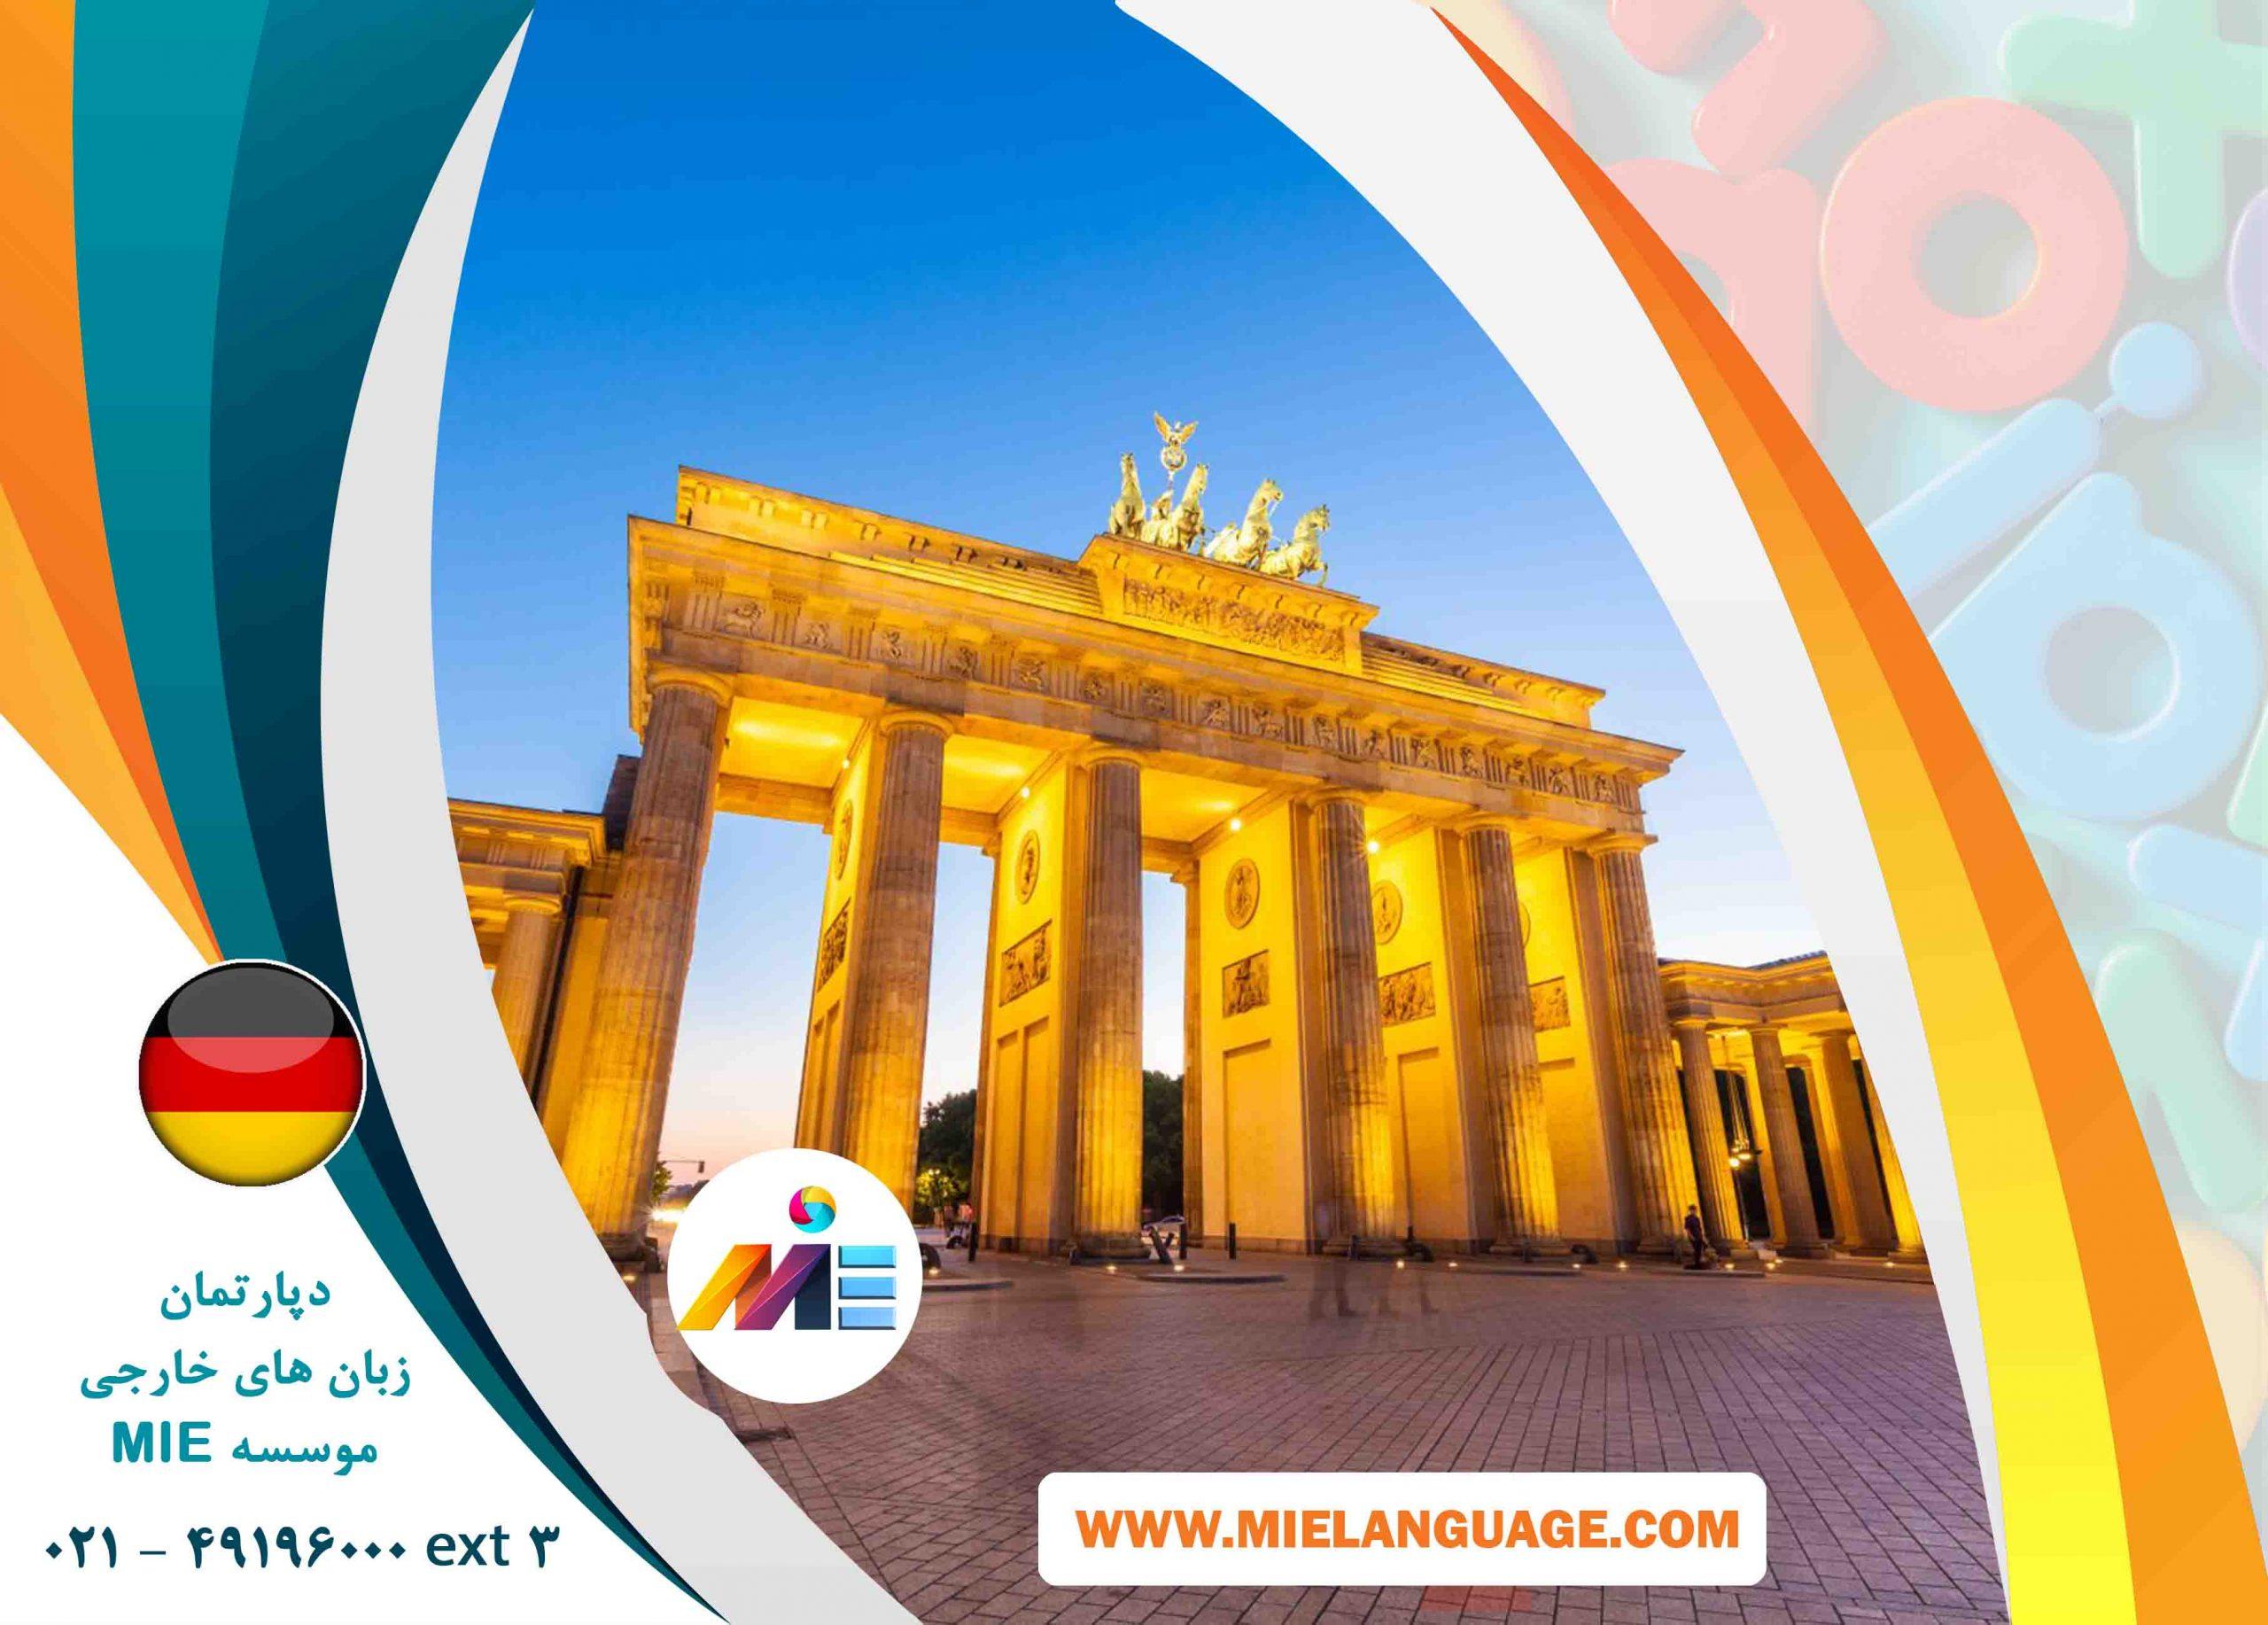 خلاصه مقدمه پکیج شماره دو آلمانی موسسه MIE - آموزش سریع و فشرده زبان آلمانی